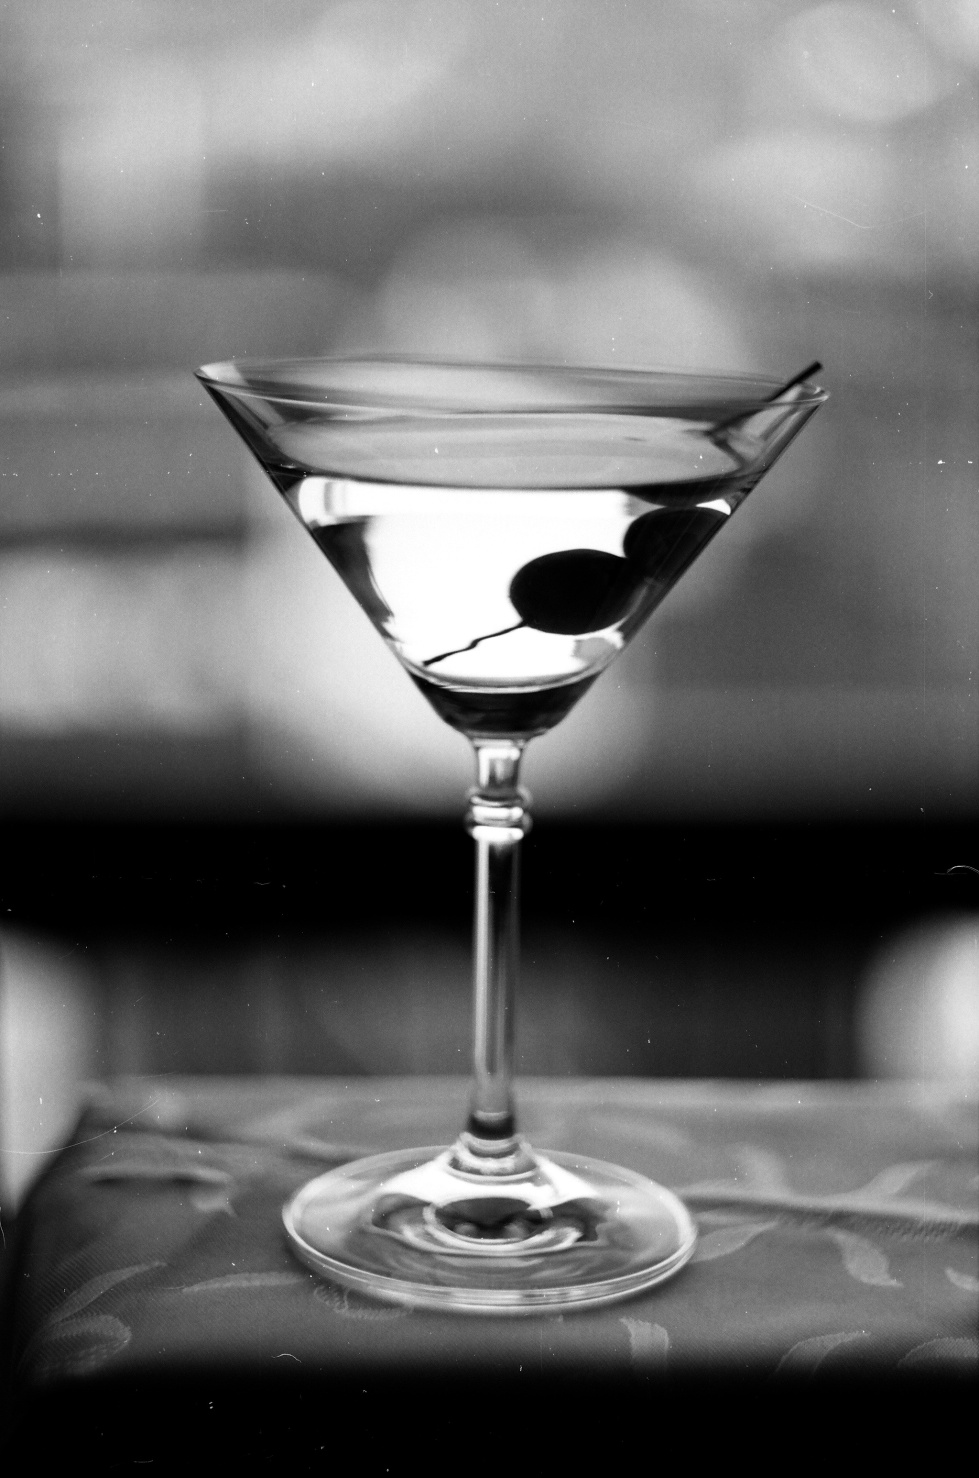 Martini_Glass_by_alphtrion